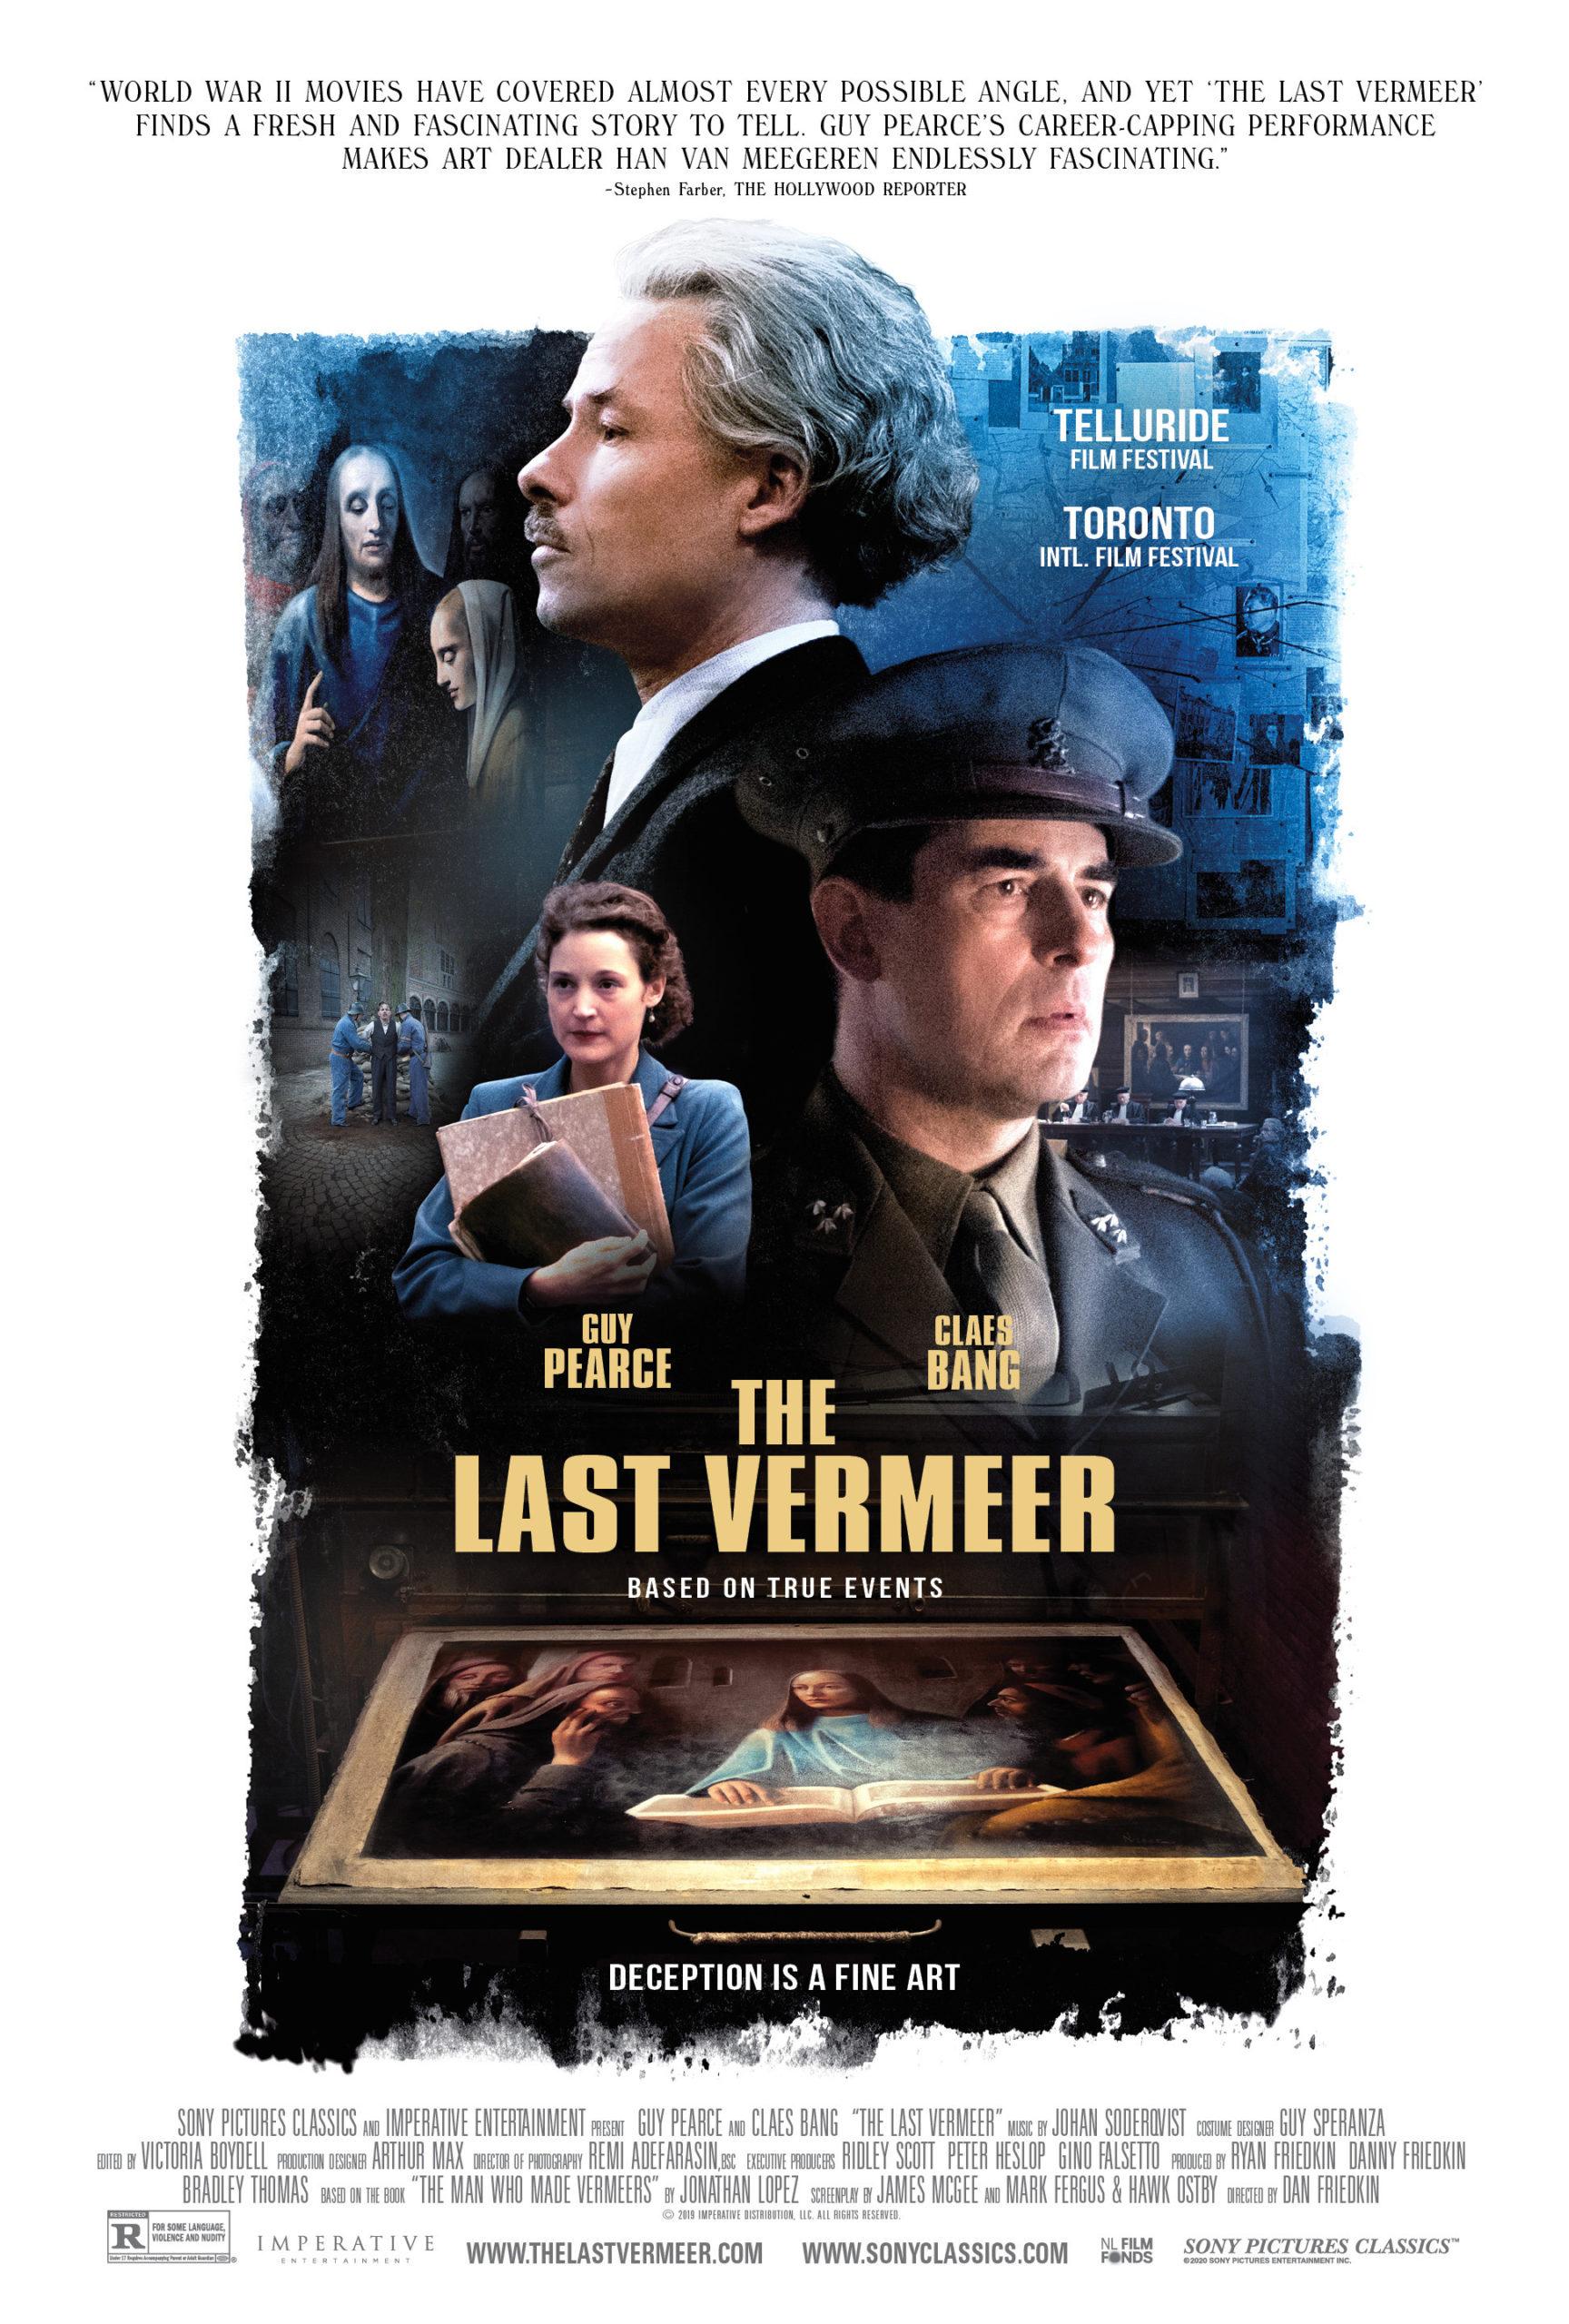 TheLastVermeer-poster